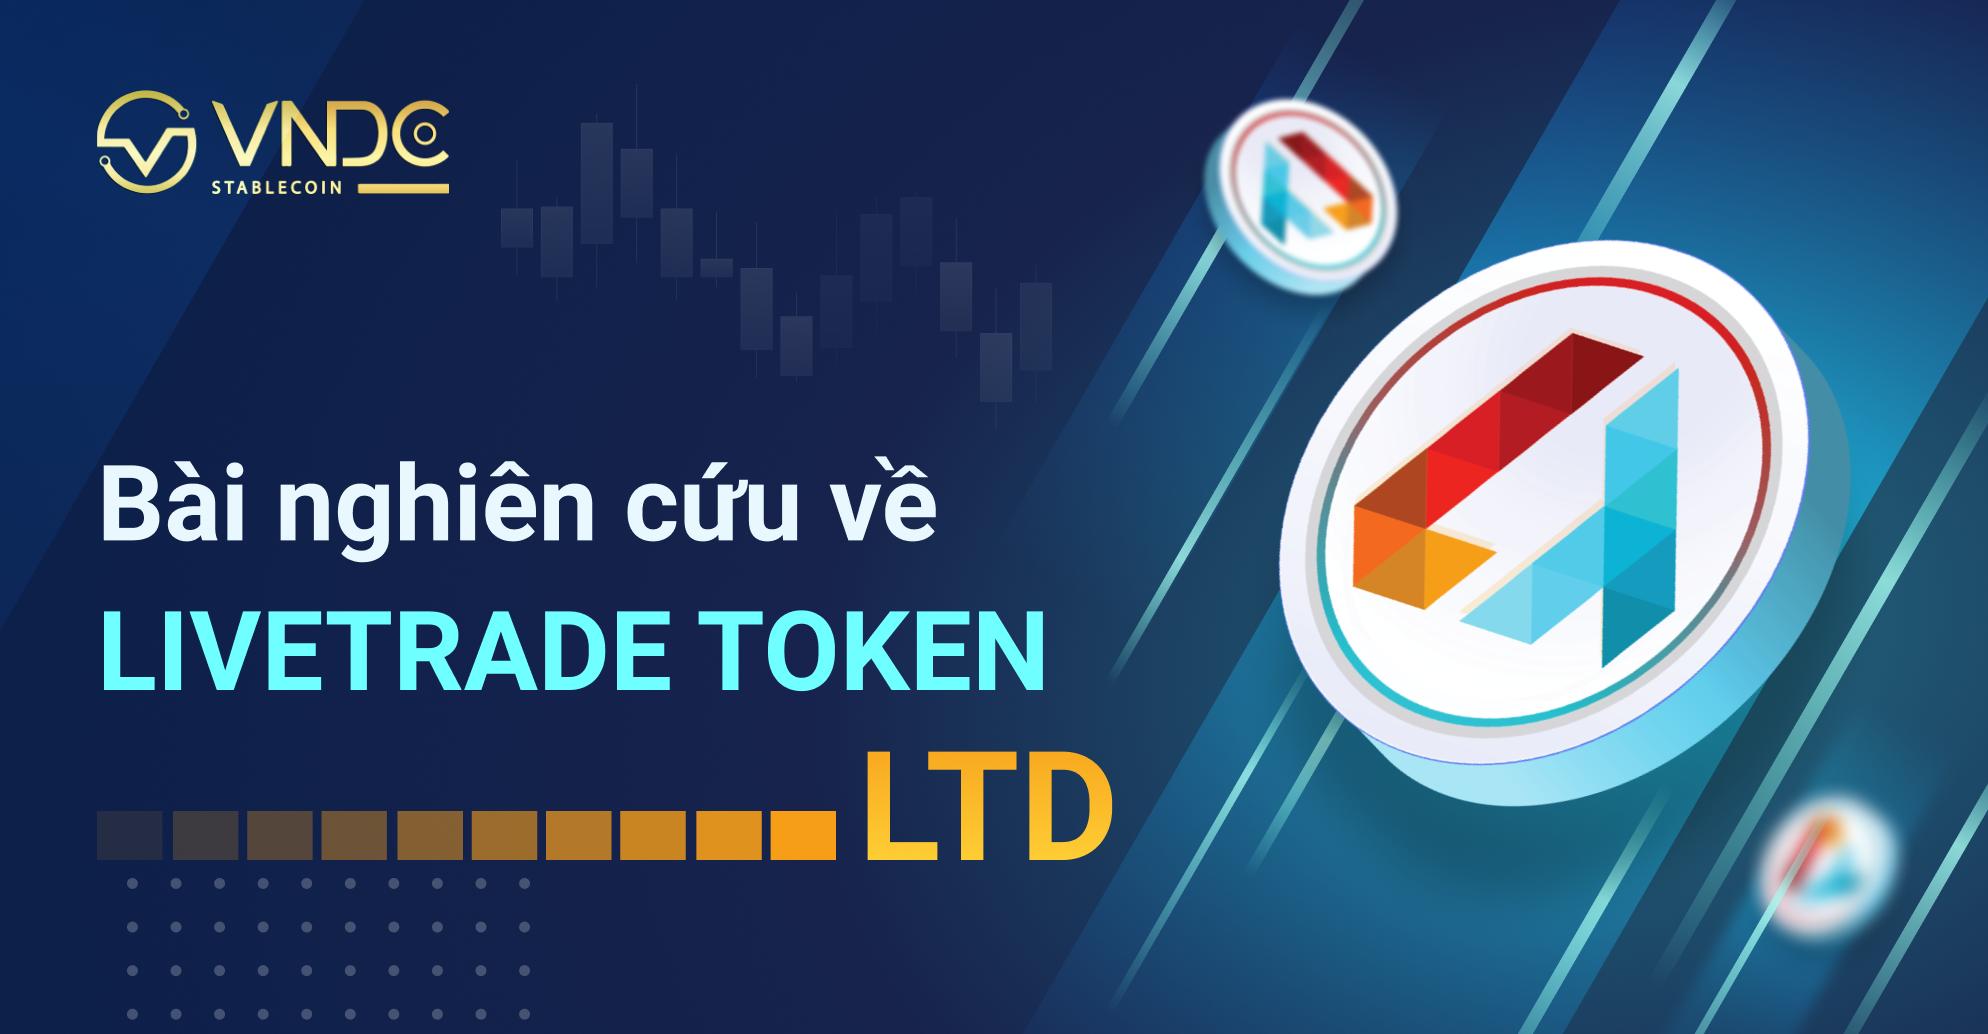 Bài nghiên cứu về LiveTrade Token (LTD)